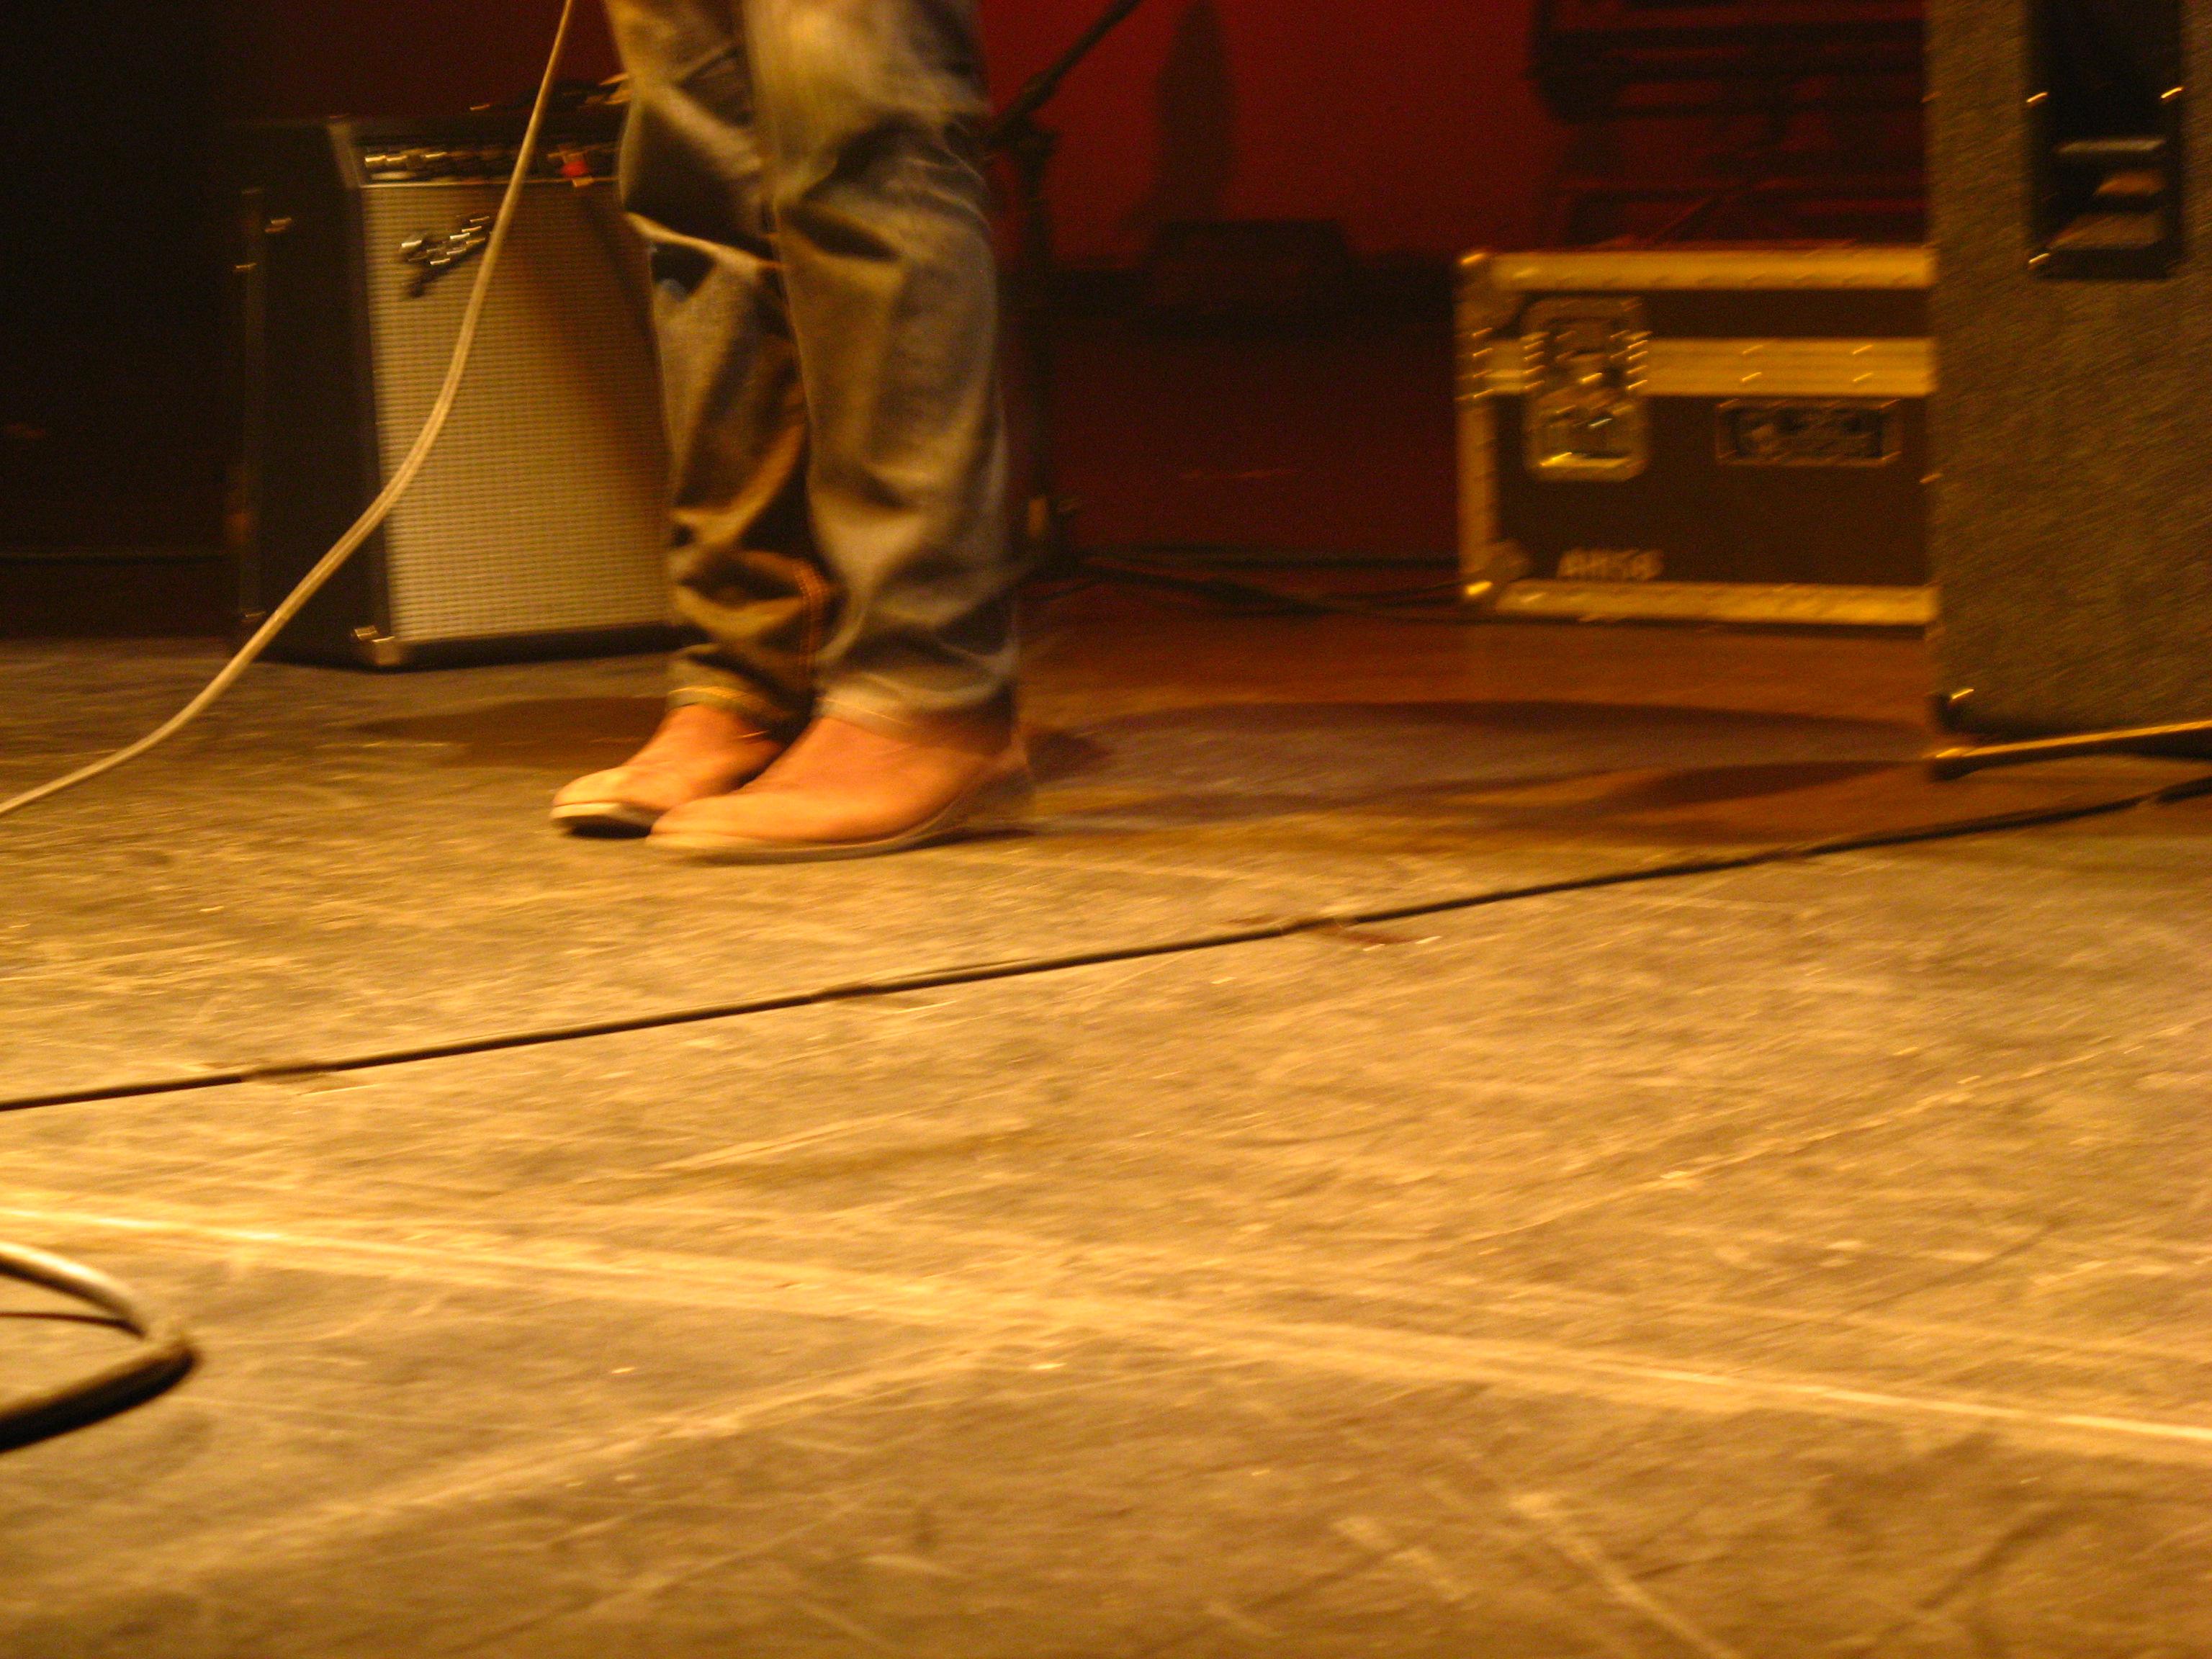 dan-auerbach-shoes-1